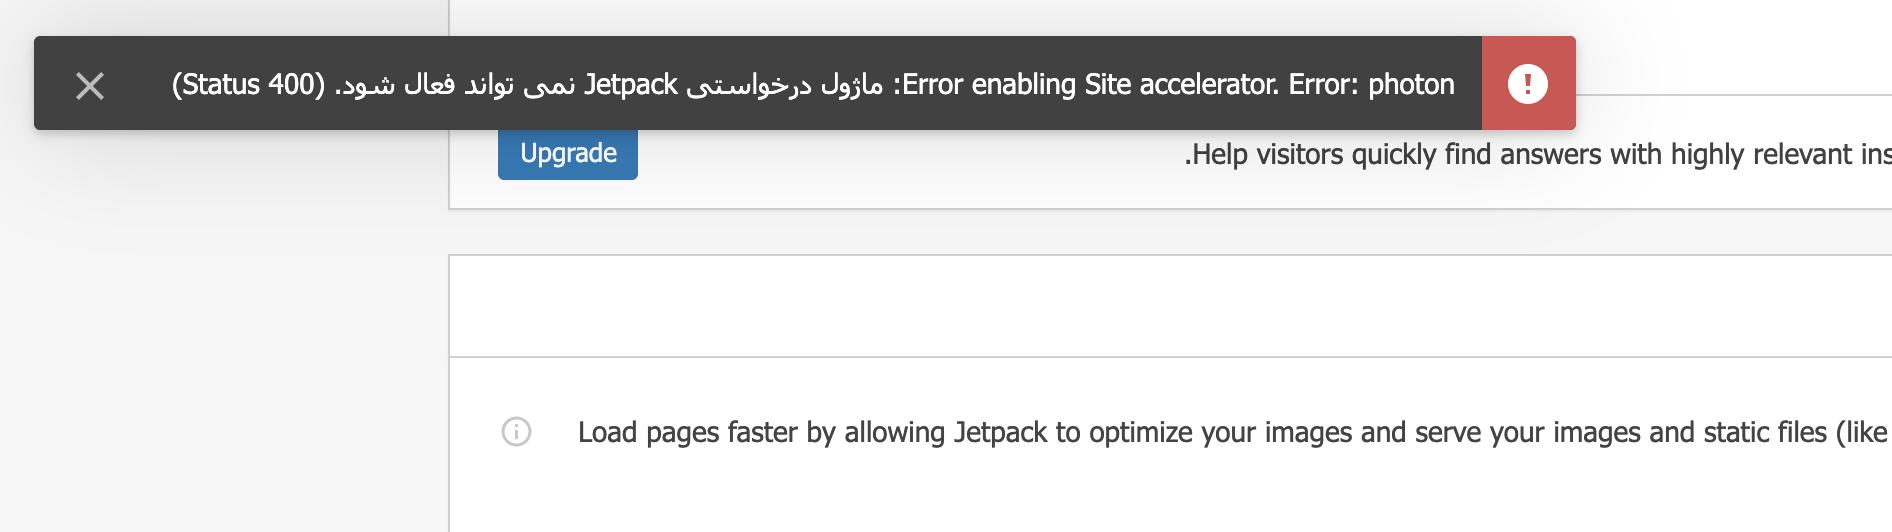 خطای عدم برقراری ارتباط با سایت وردپرس